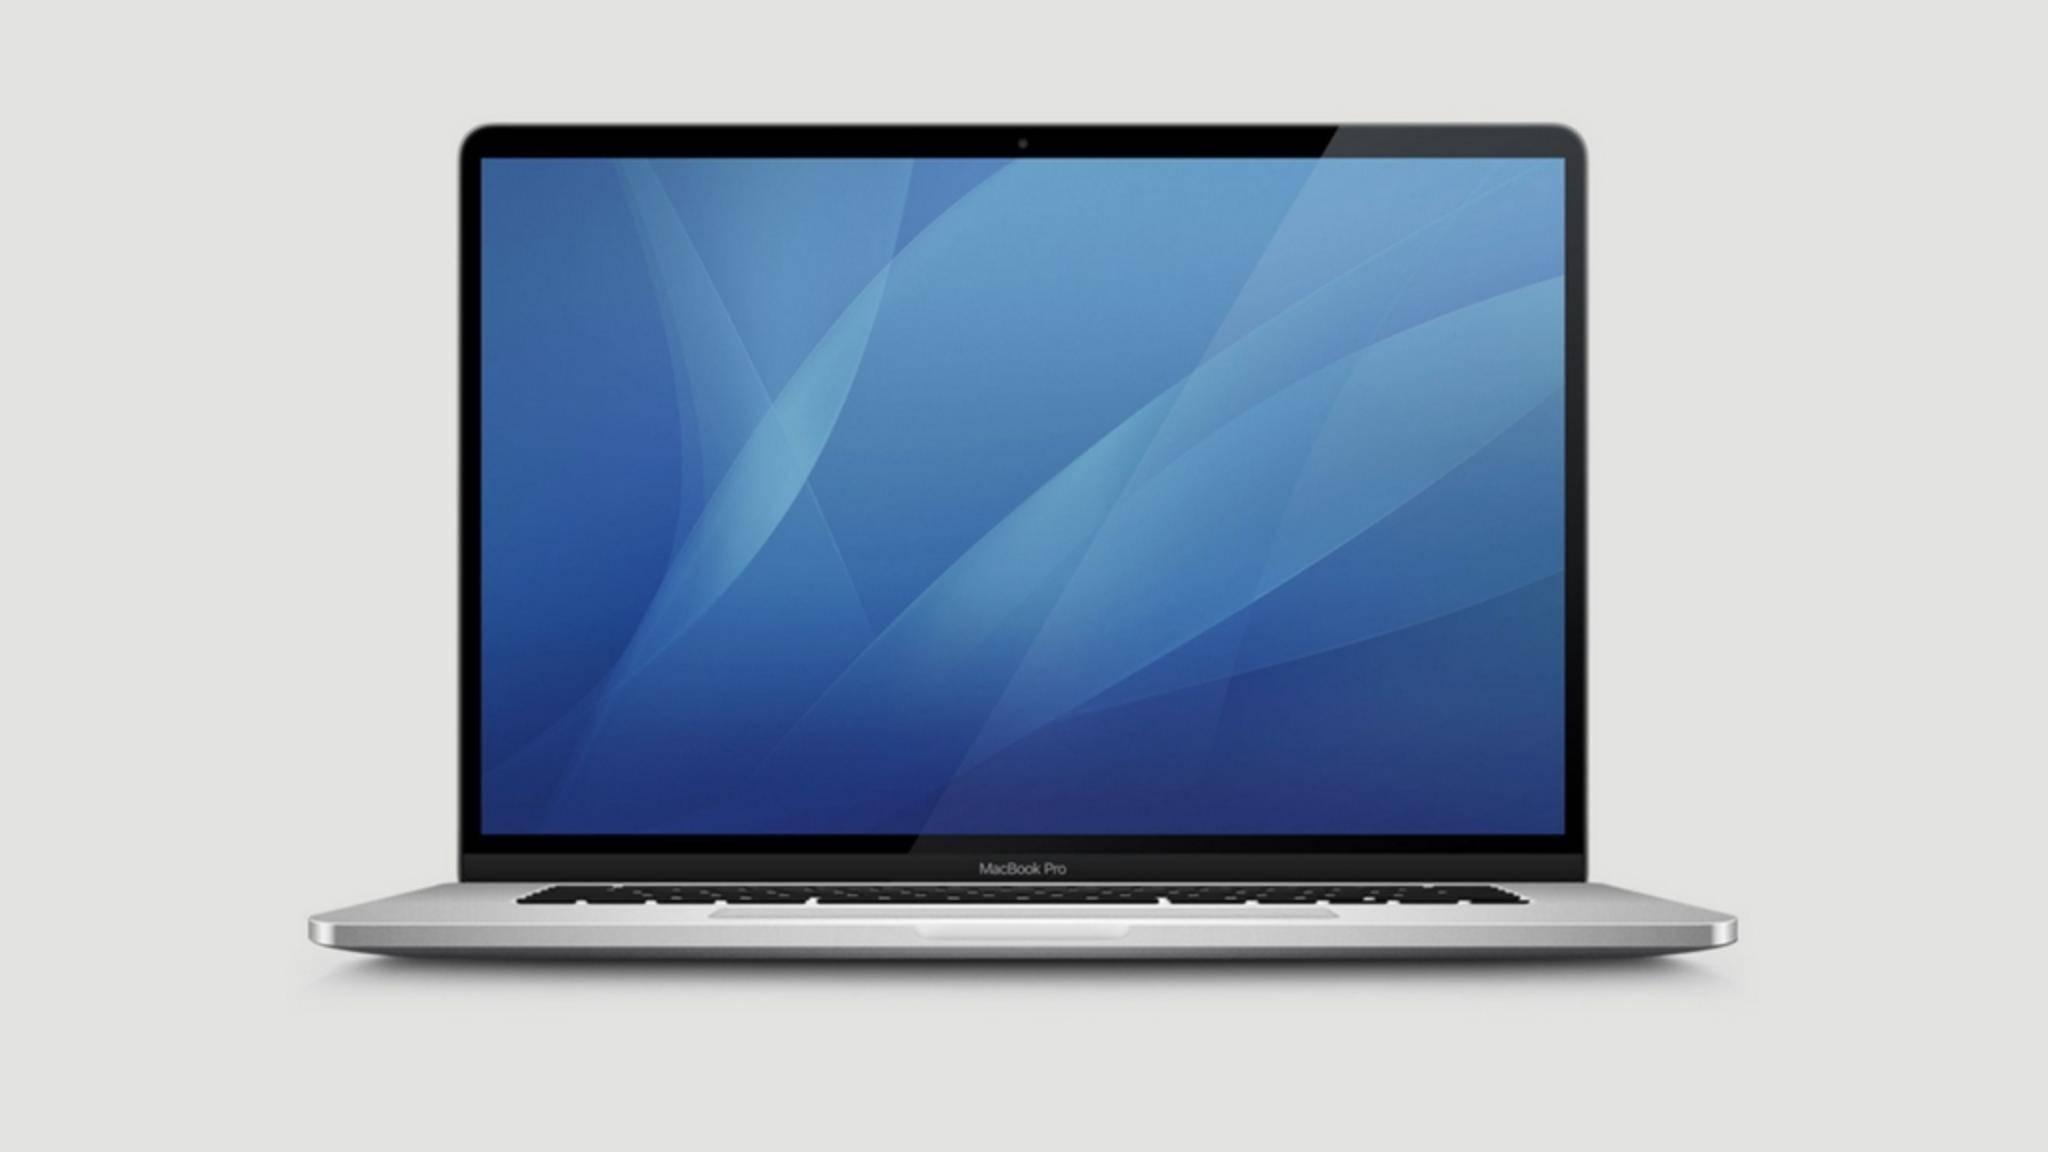 Sieht so das neue 16-Zoll-MacBook aus?